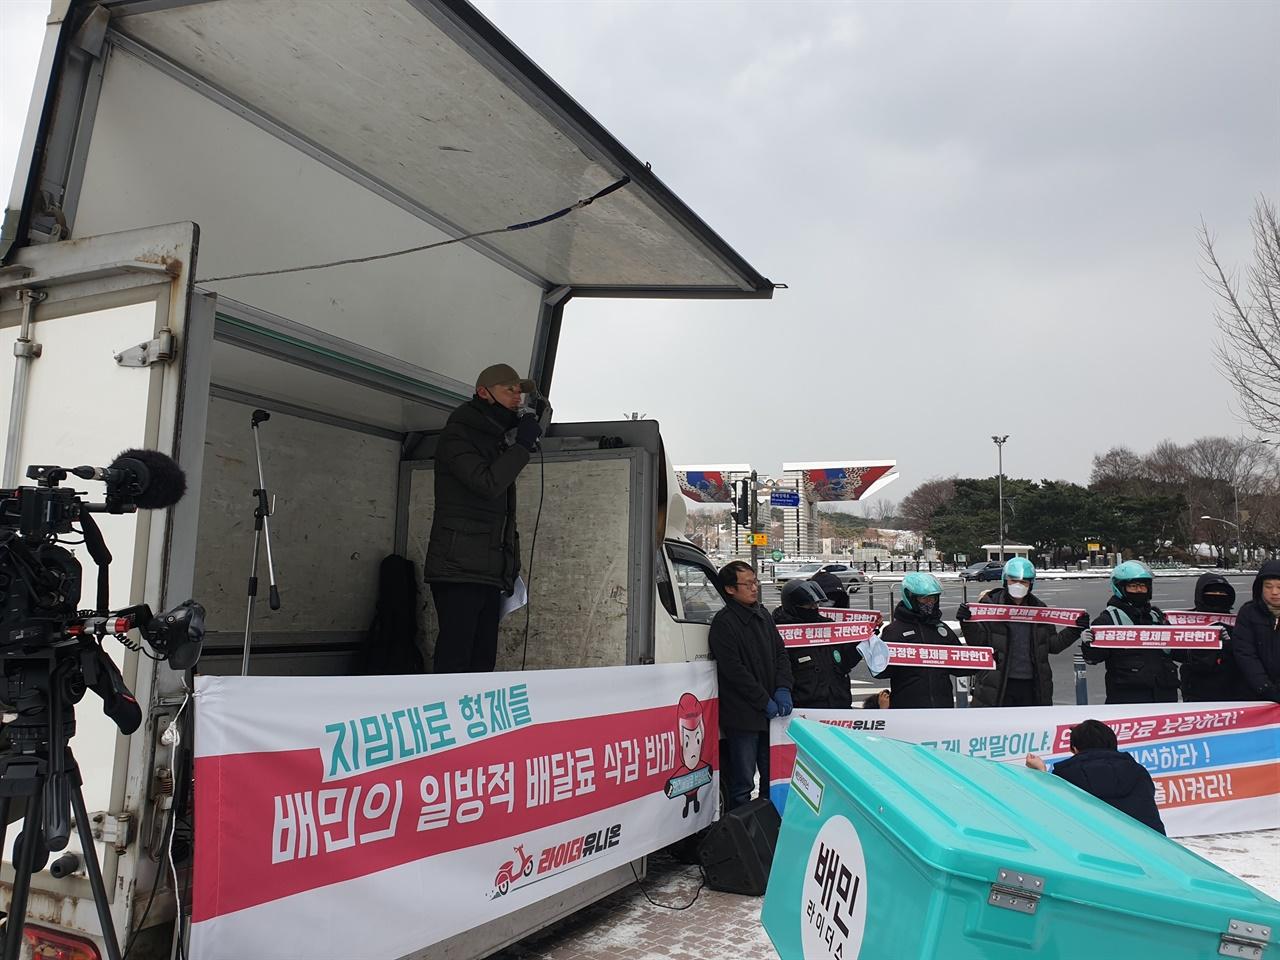 배달노동자들의 노동조합인 라이더유니온이 서울시 송파구 배달의민족 본사 앞에서 집회를 하고 있다. 발언하는 구교현 라이더유니온 기획팀장